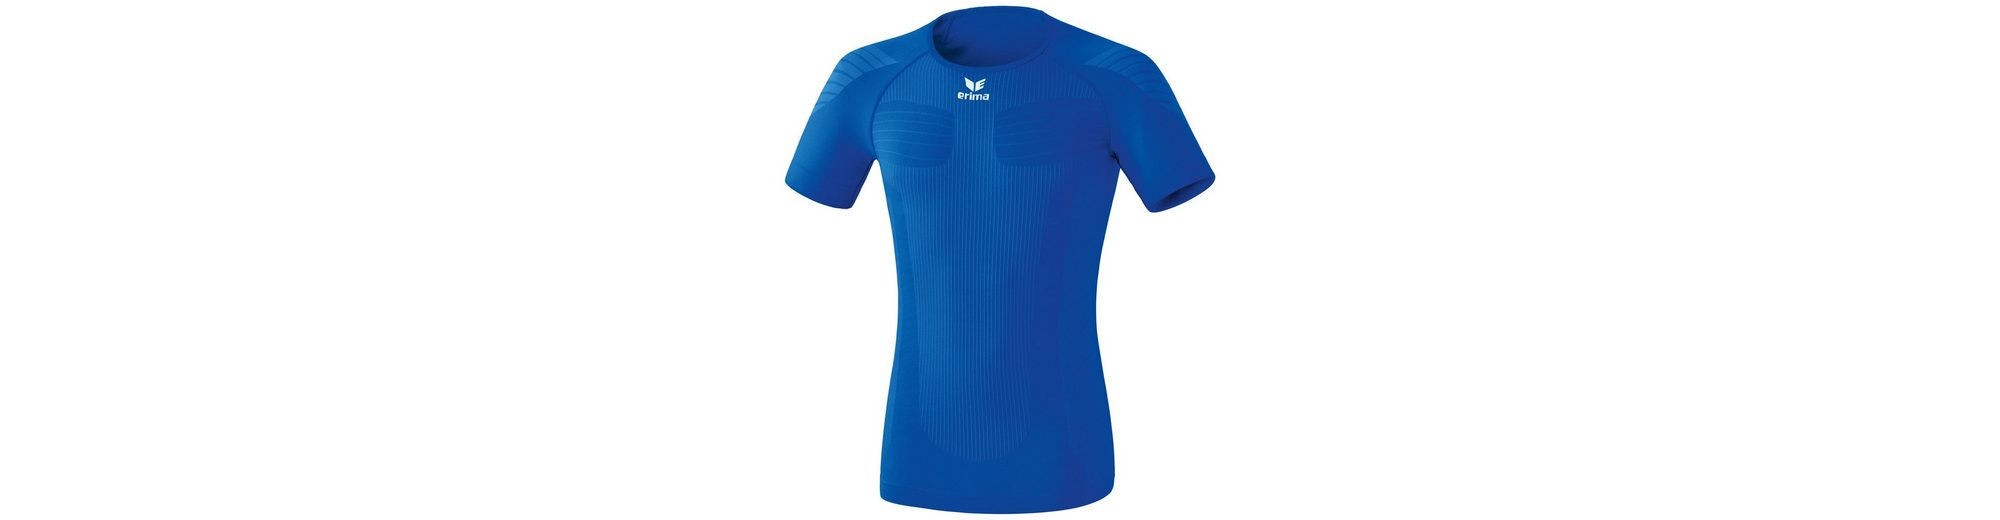 ERIMA Functional T-Shirt Herren Marktfähig Spätestens Zum Verkauf Spielraum Echt Original Günstig Online l3dSvZ